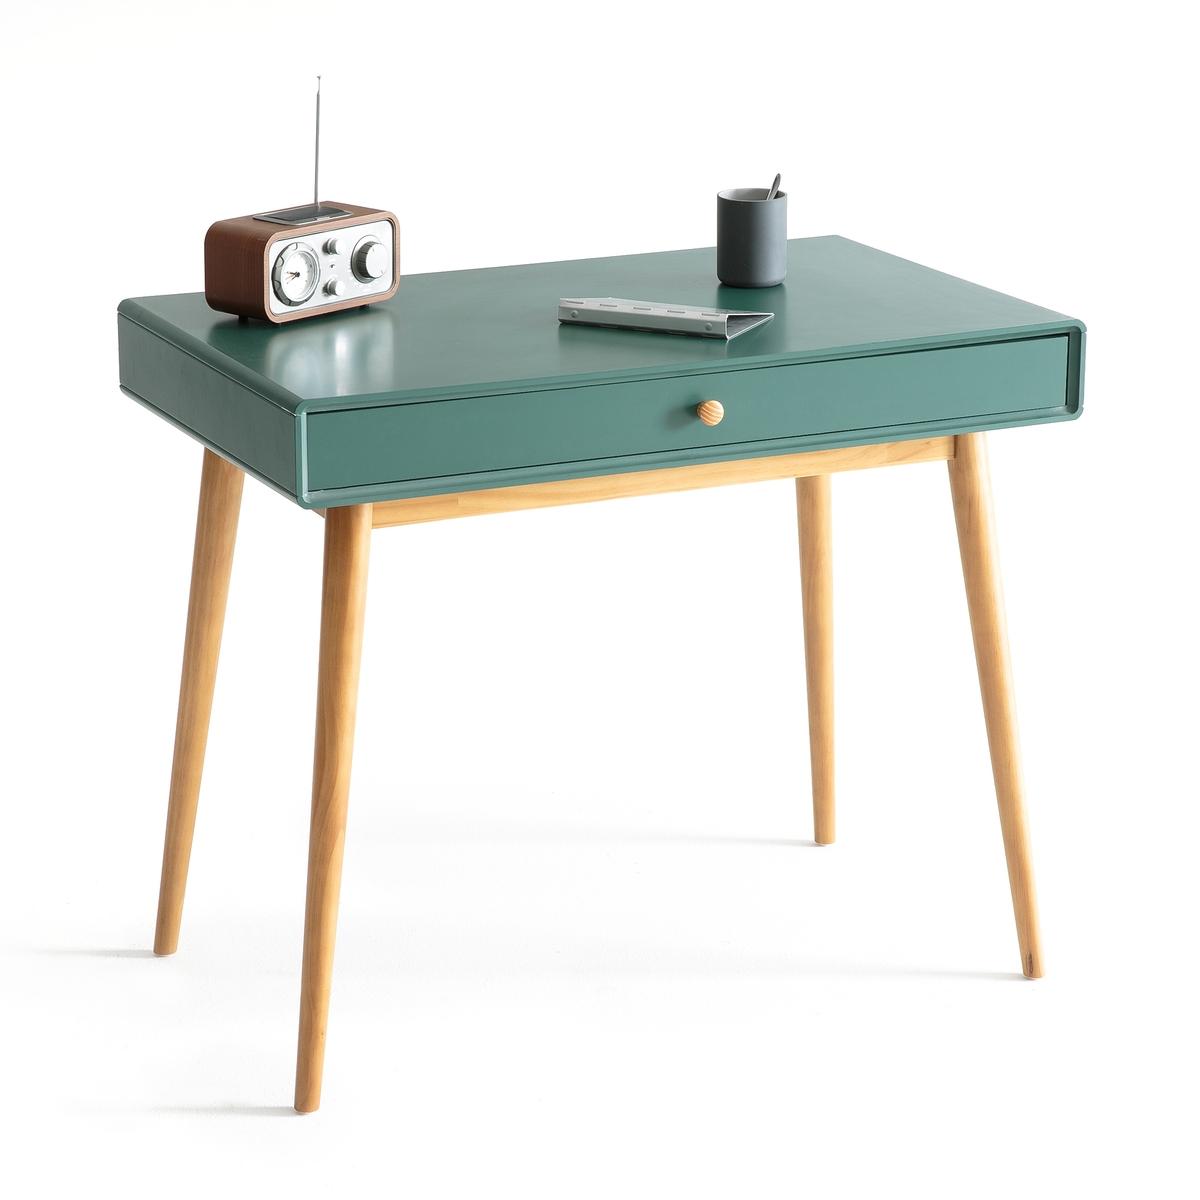 Стол La Redoute Письменный с ящиком JIMI единый размер зеленый